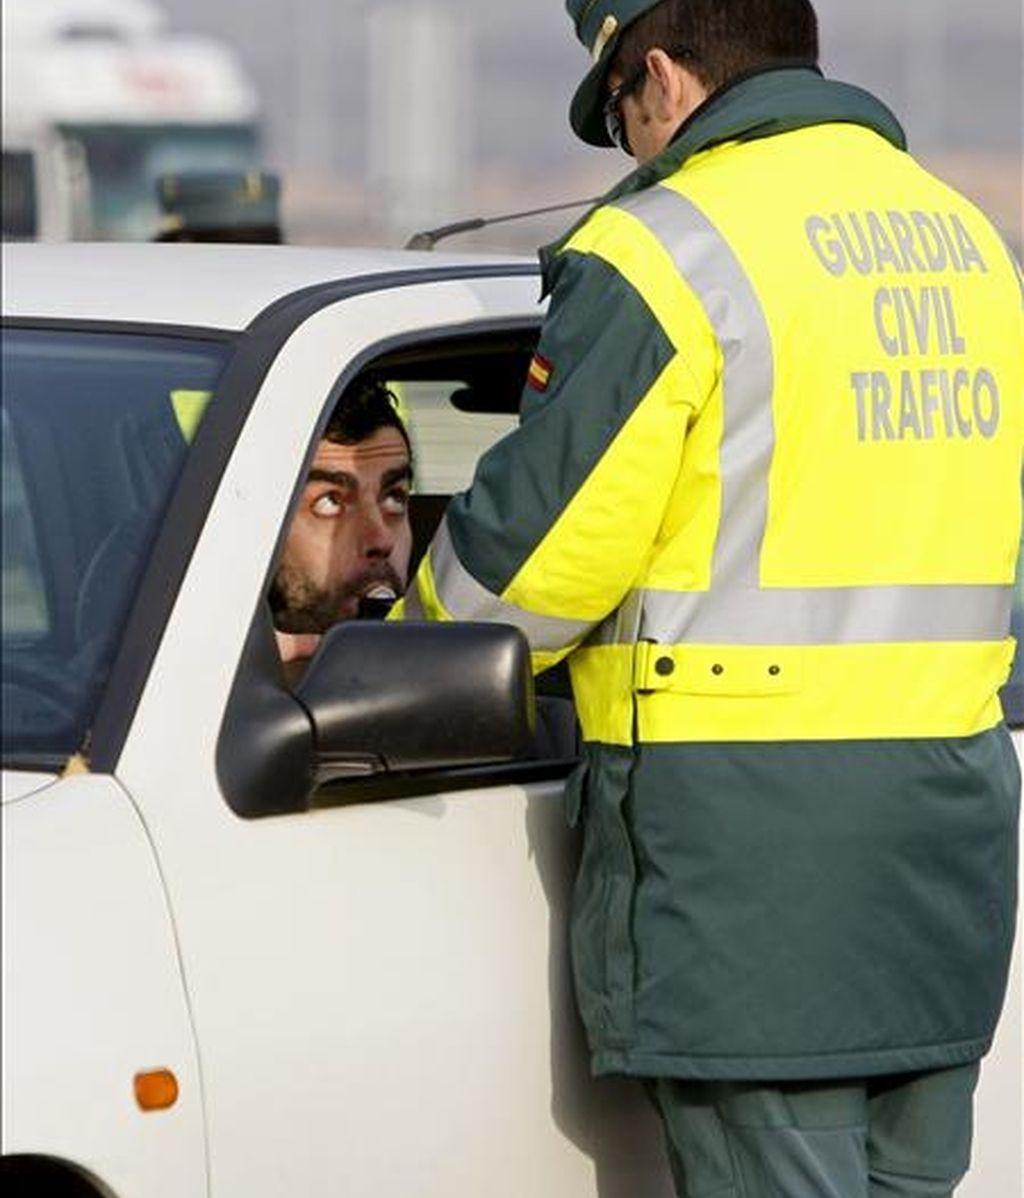 Un conductor realiza una prueba de alcoholemia a instancias de un guardia civil de tráfico en un control situado en el kilómetro 14 de la Nacional III, dentro de la campaña de Navidad puesta hoy en marcha por la DGT. EFE